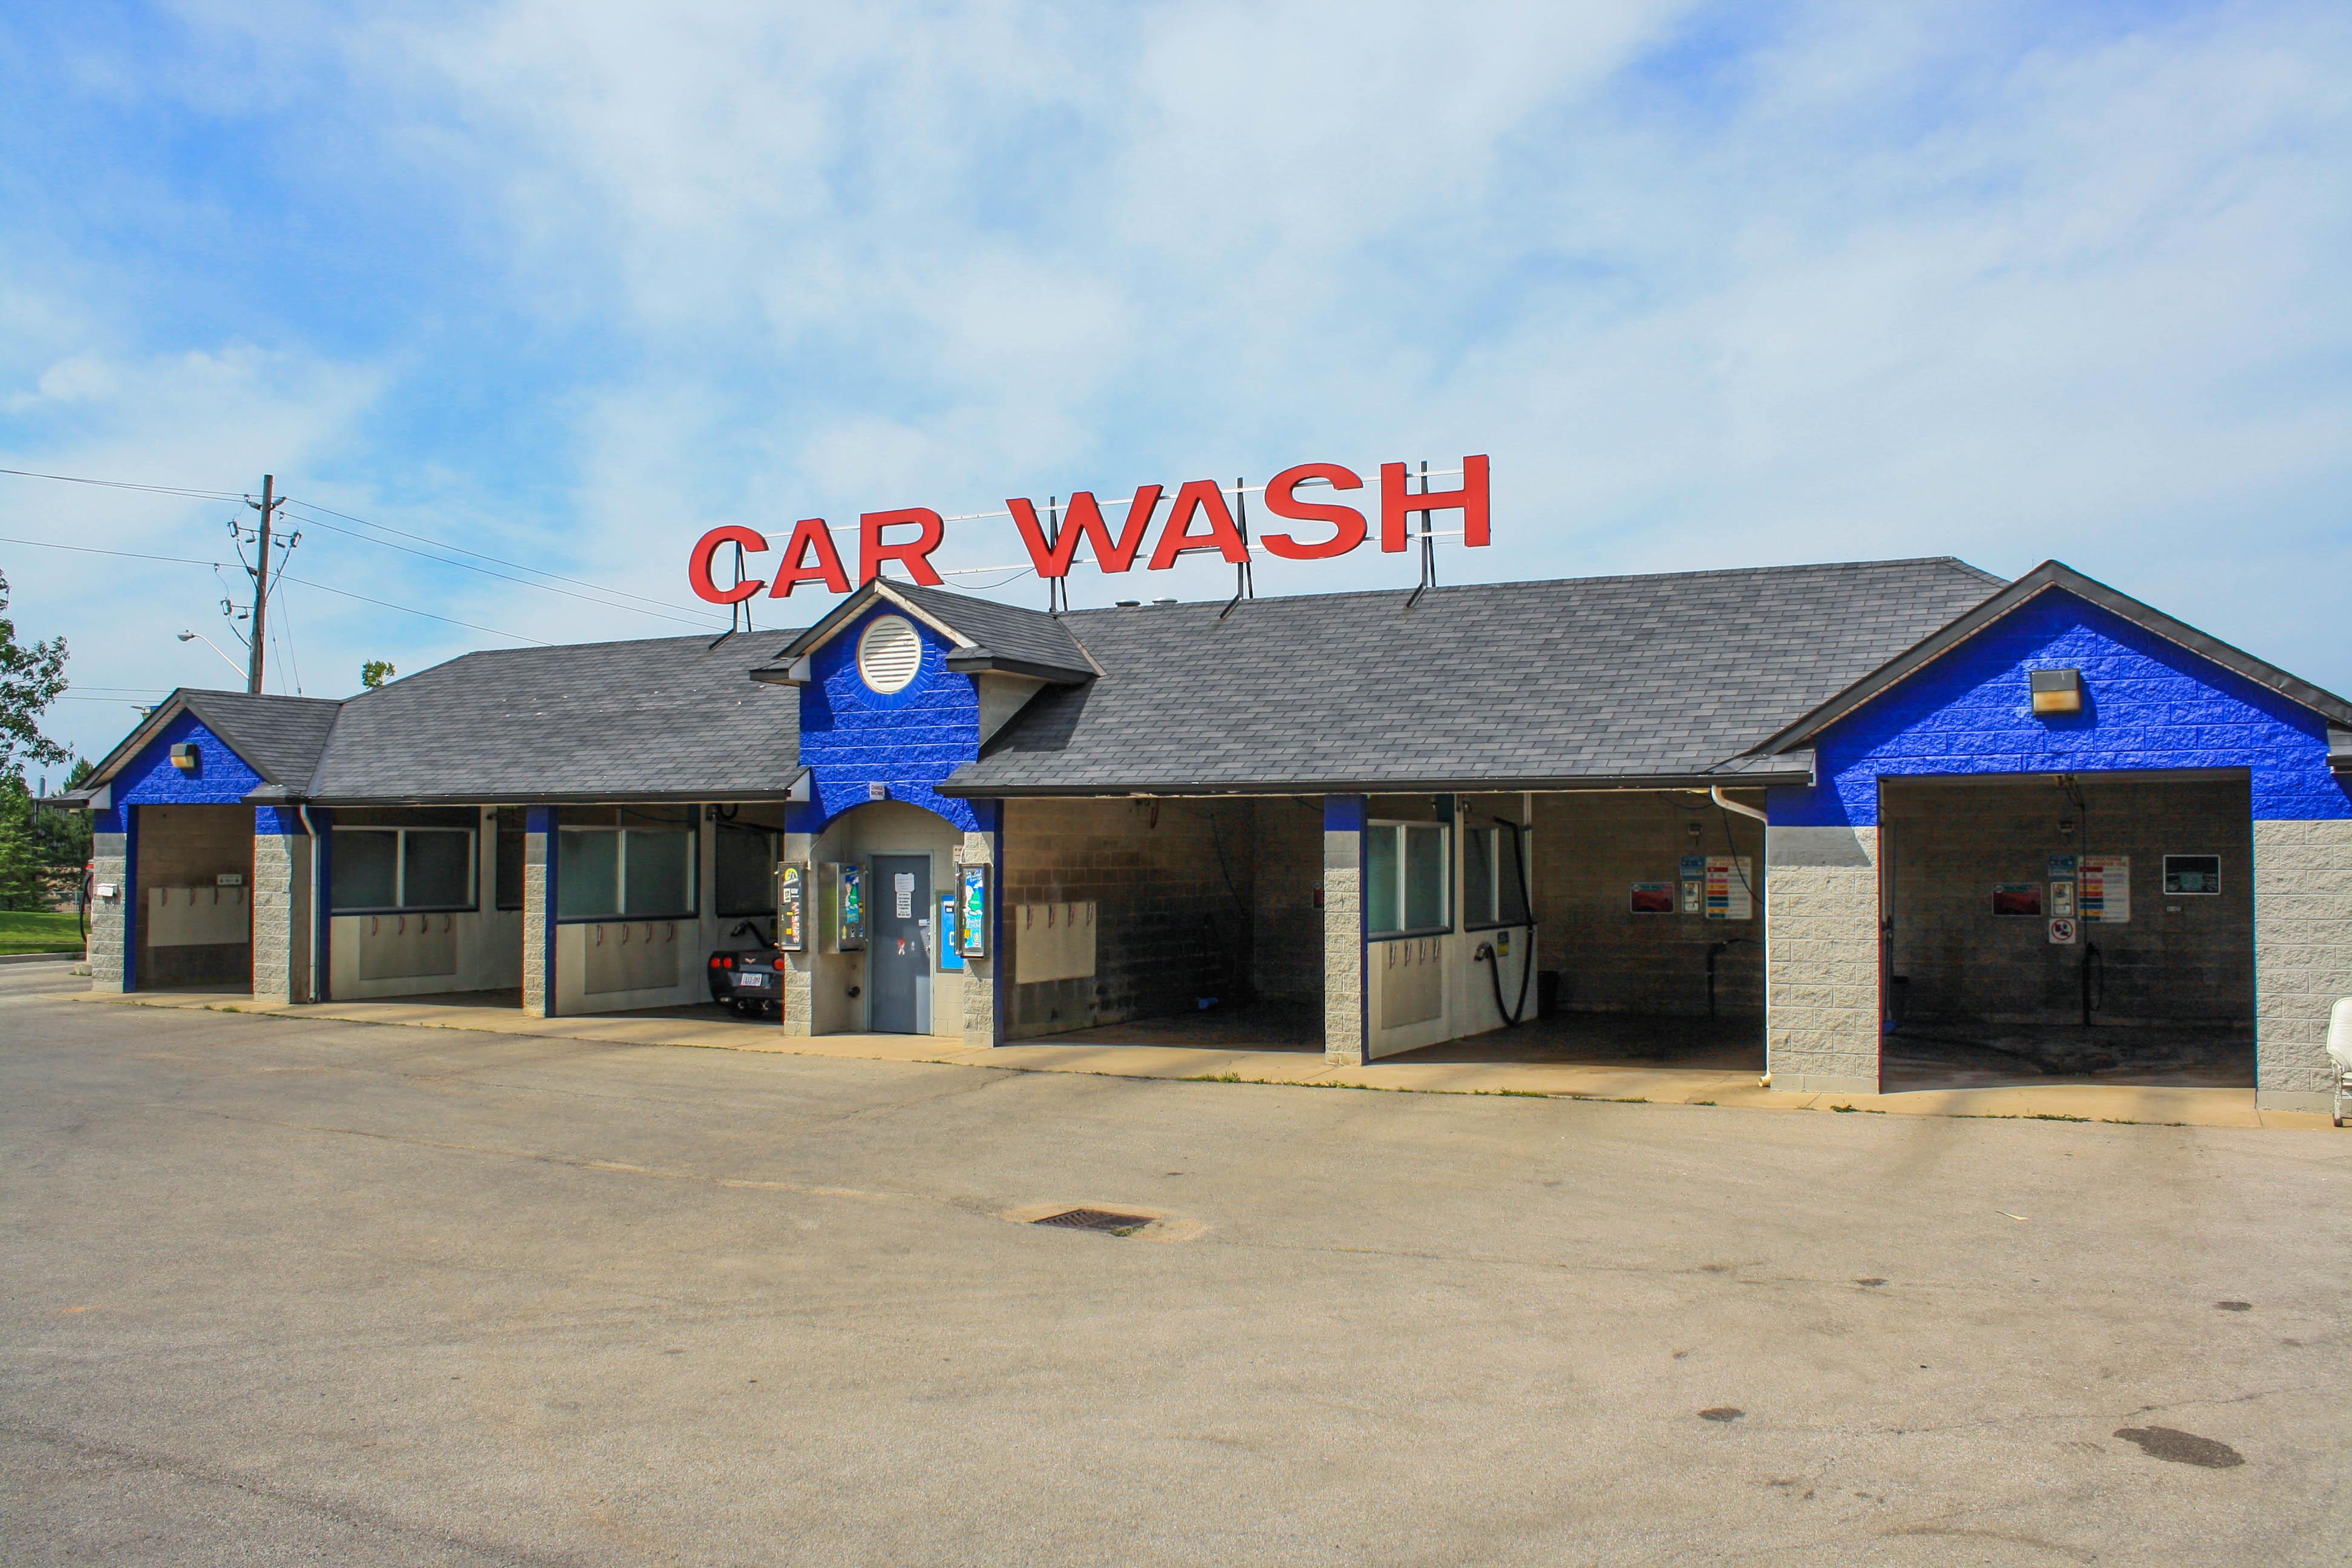 Grimsby Car Wash